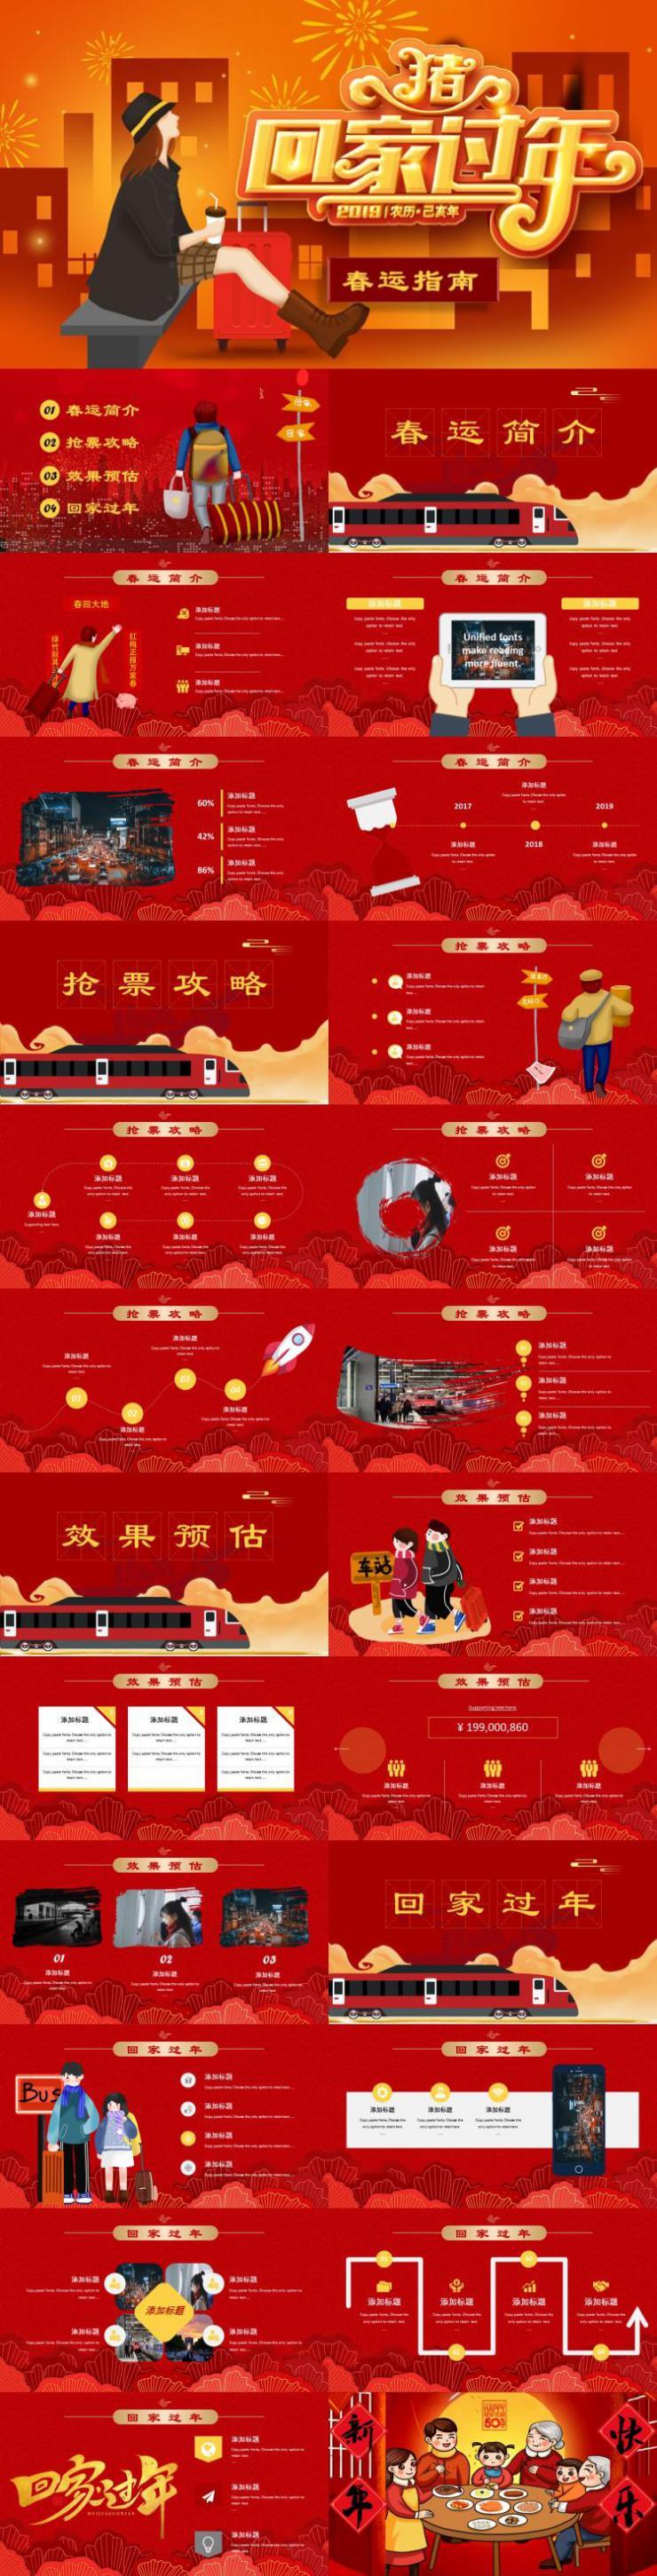 2019年猪年新春春运回家PPT模板下载